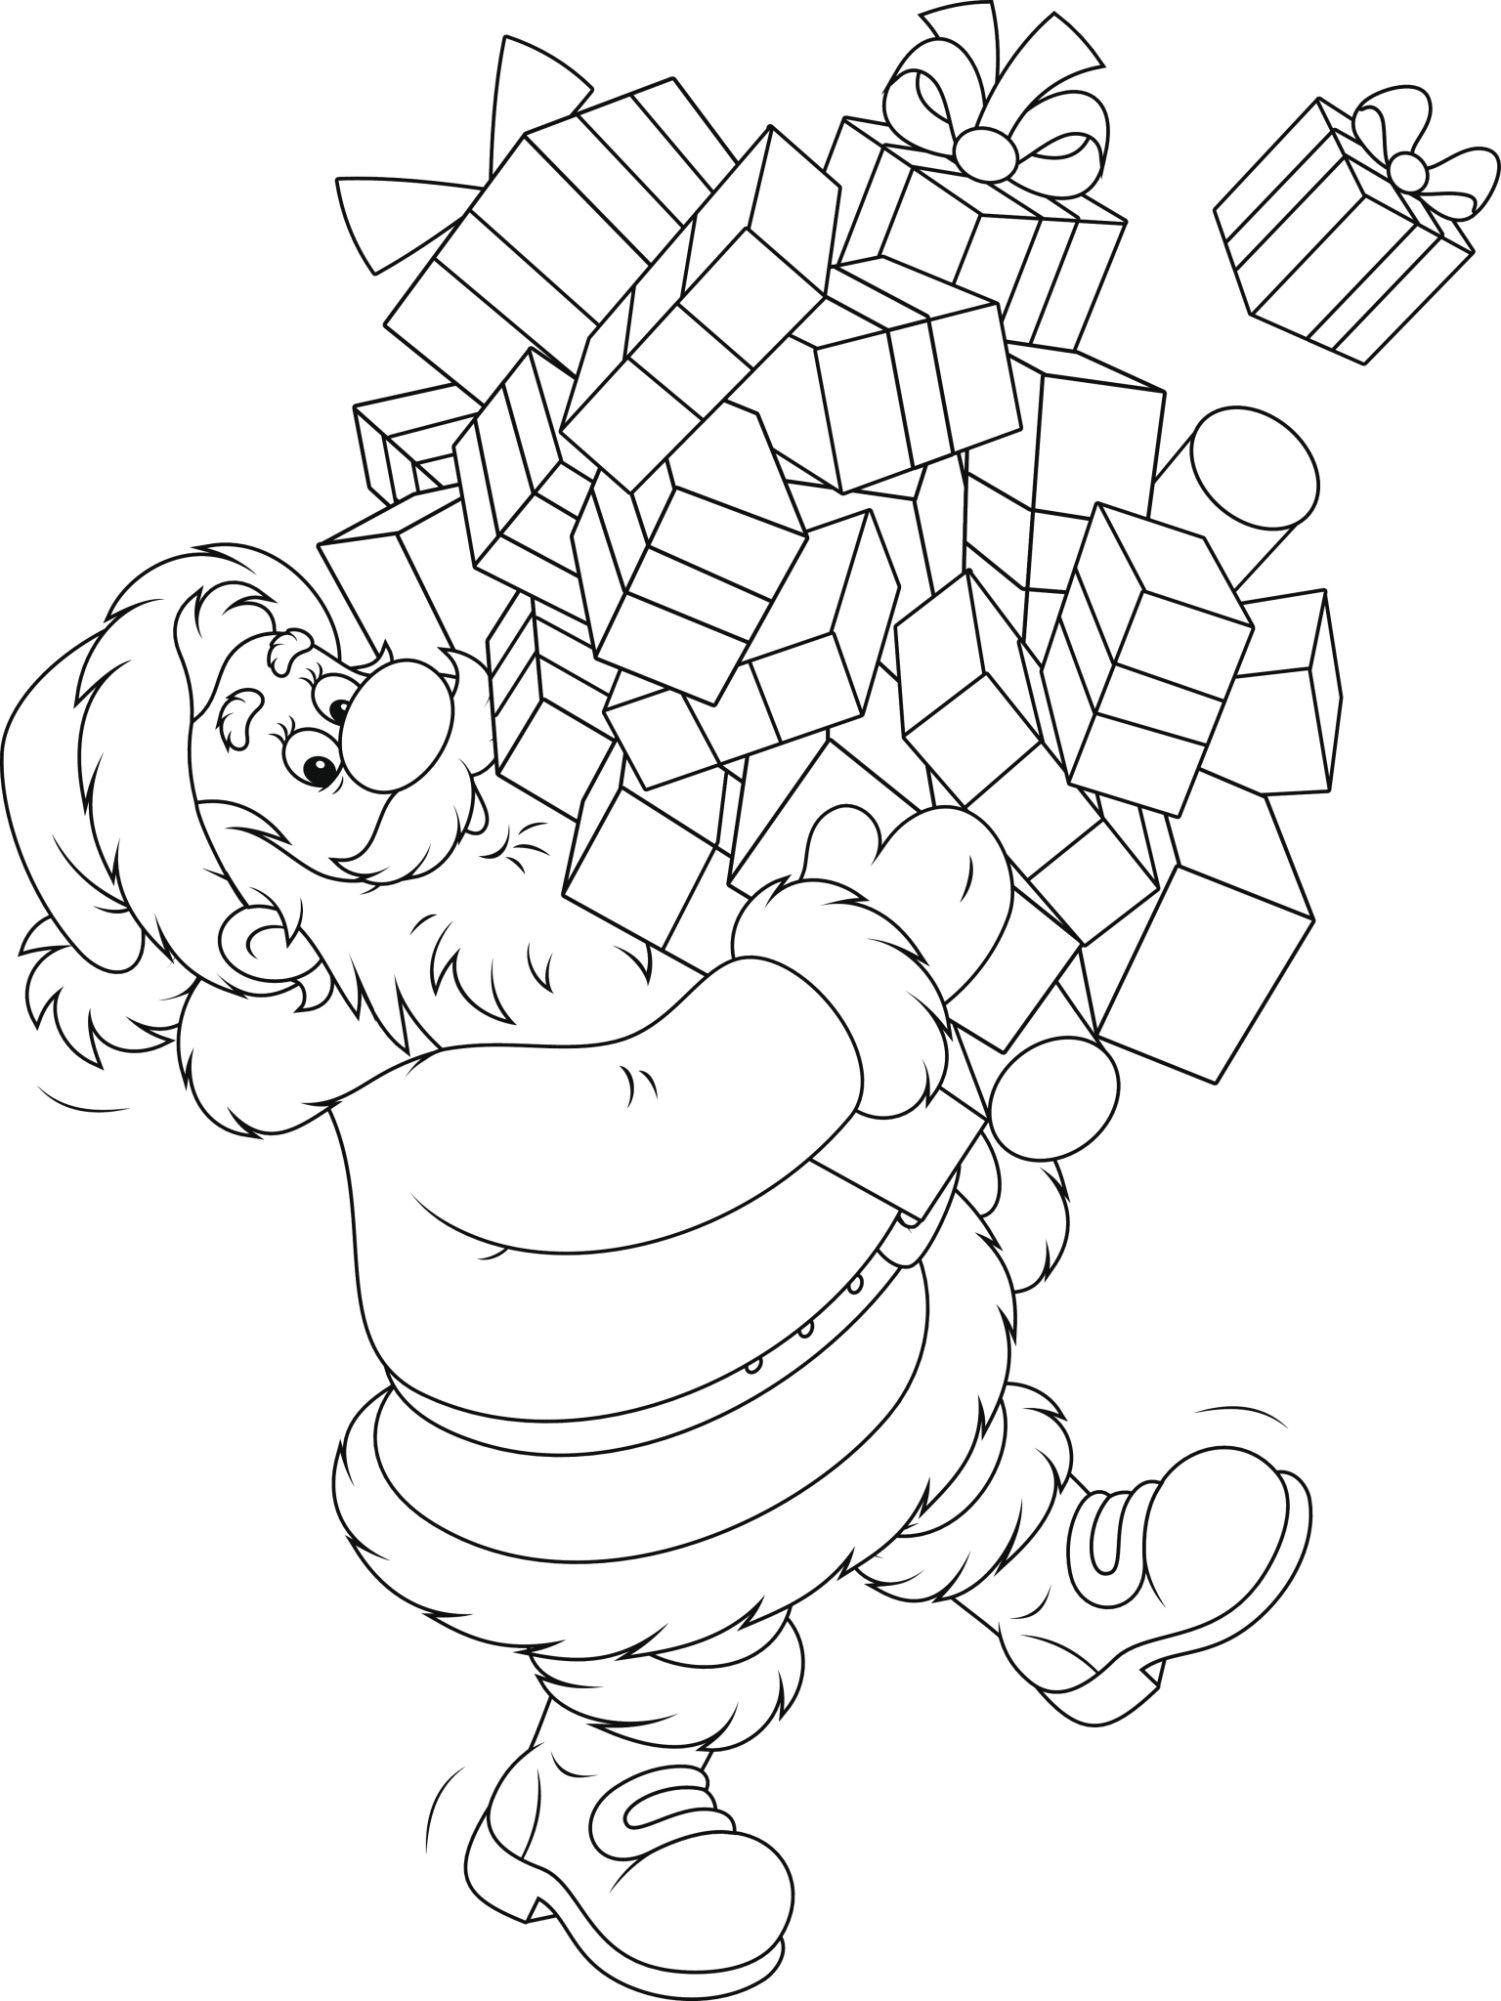 Imprimer Un Dessin De Noel Beau Modèle Coloriage De Noel Modeles A